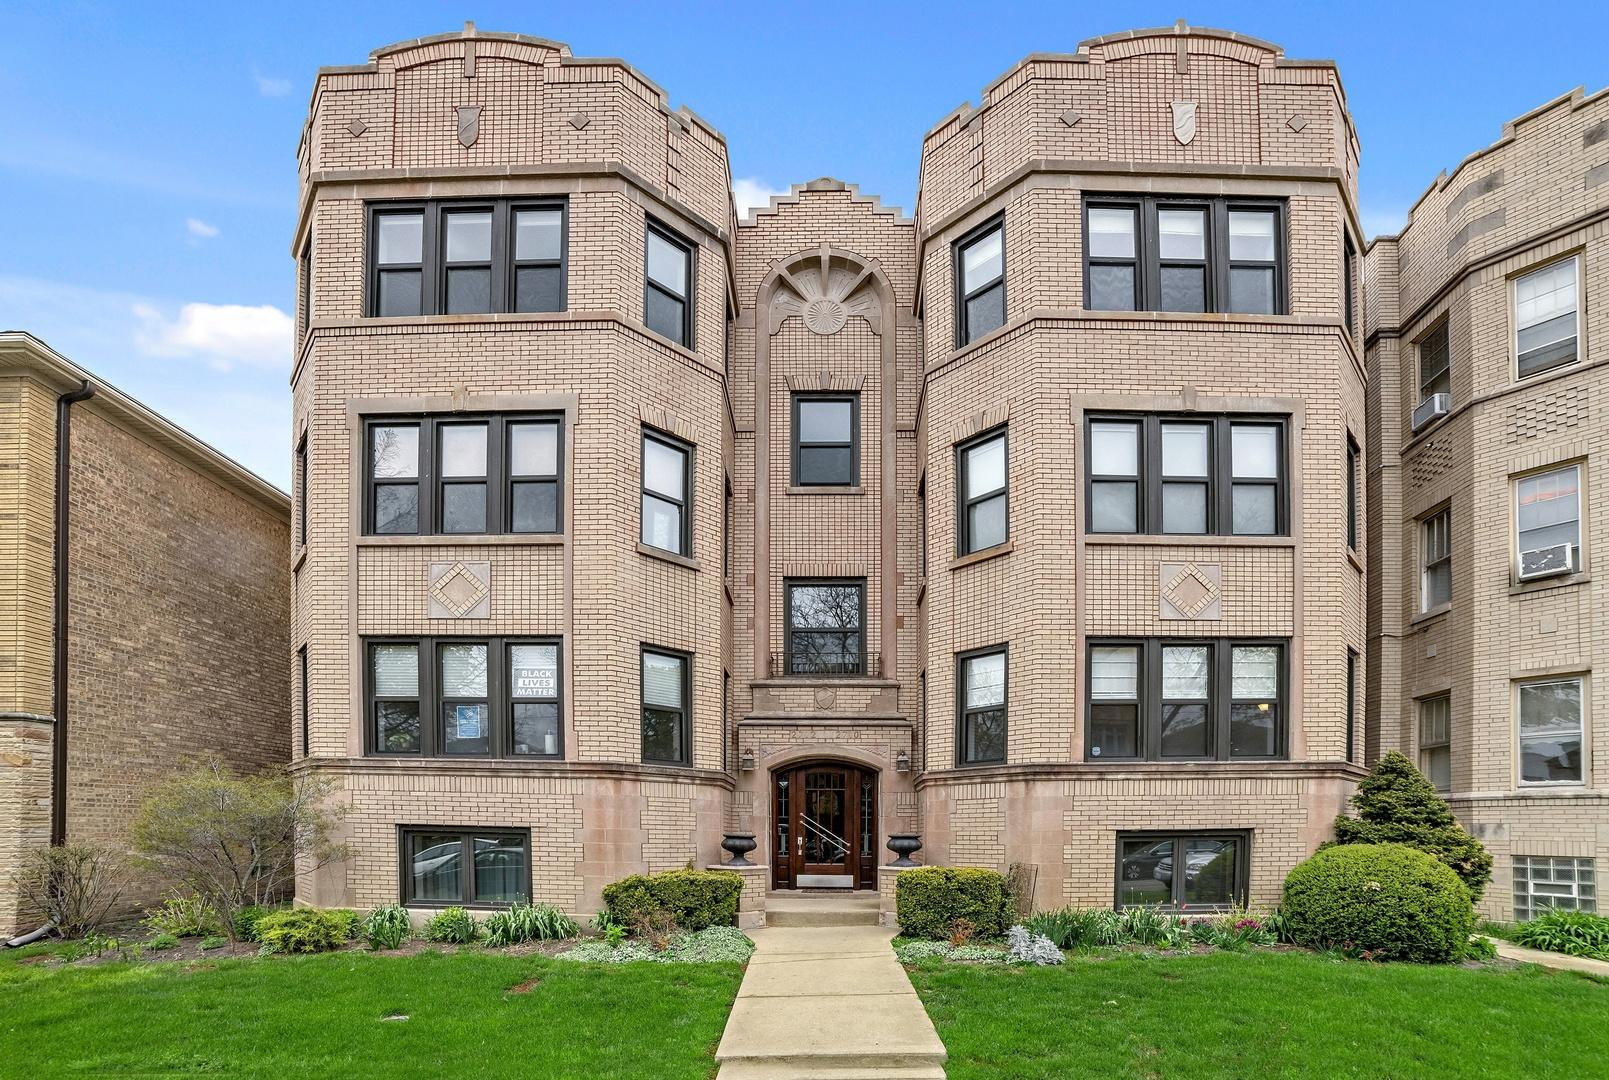 2710 W Greenleaf  Avenue, Unit A photo